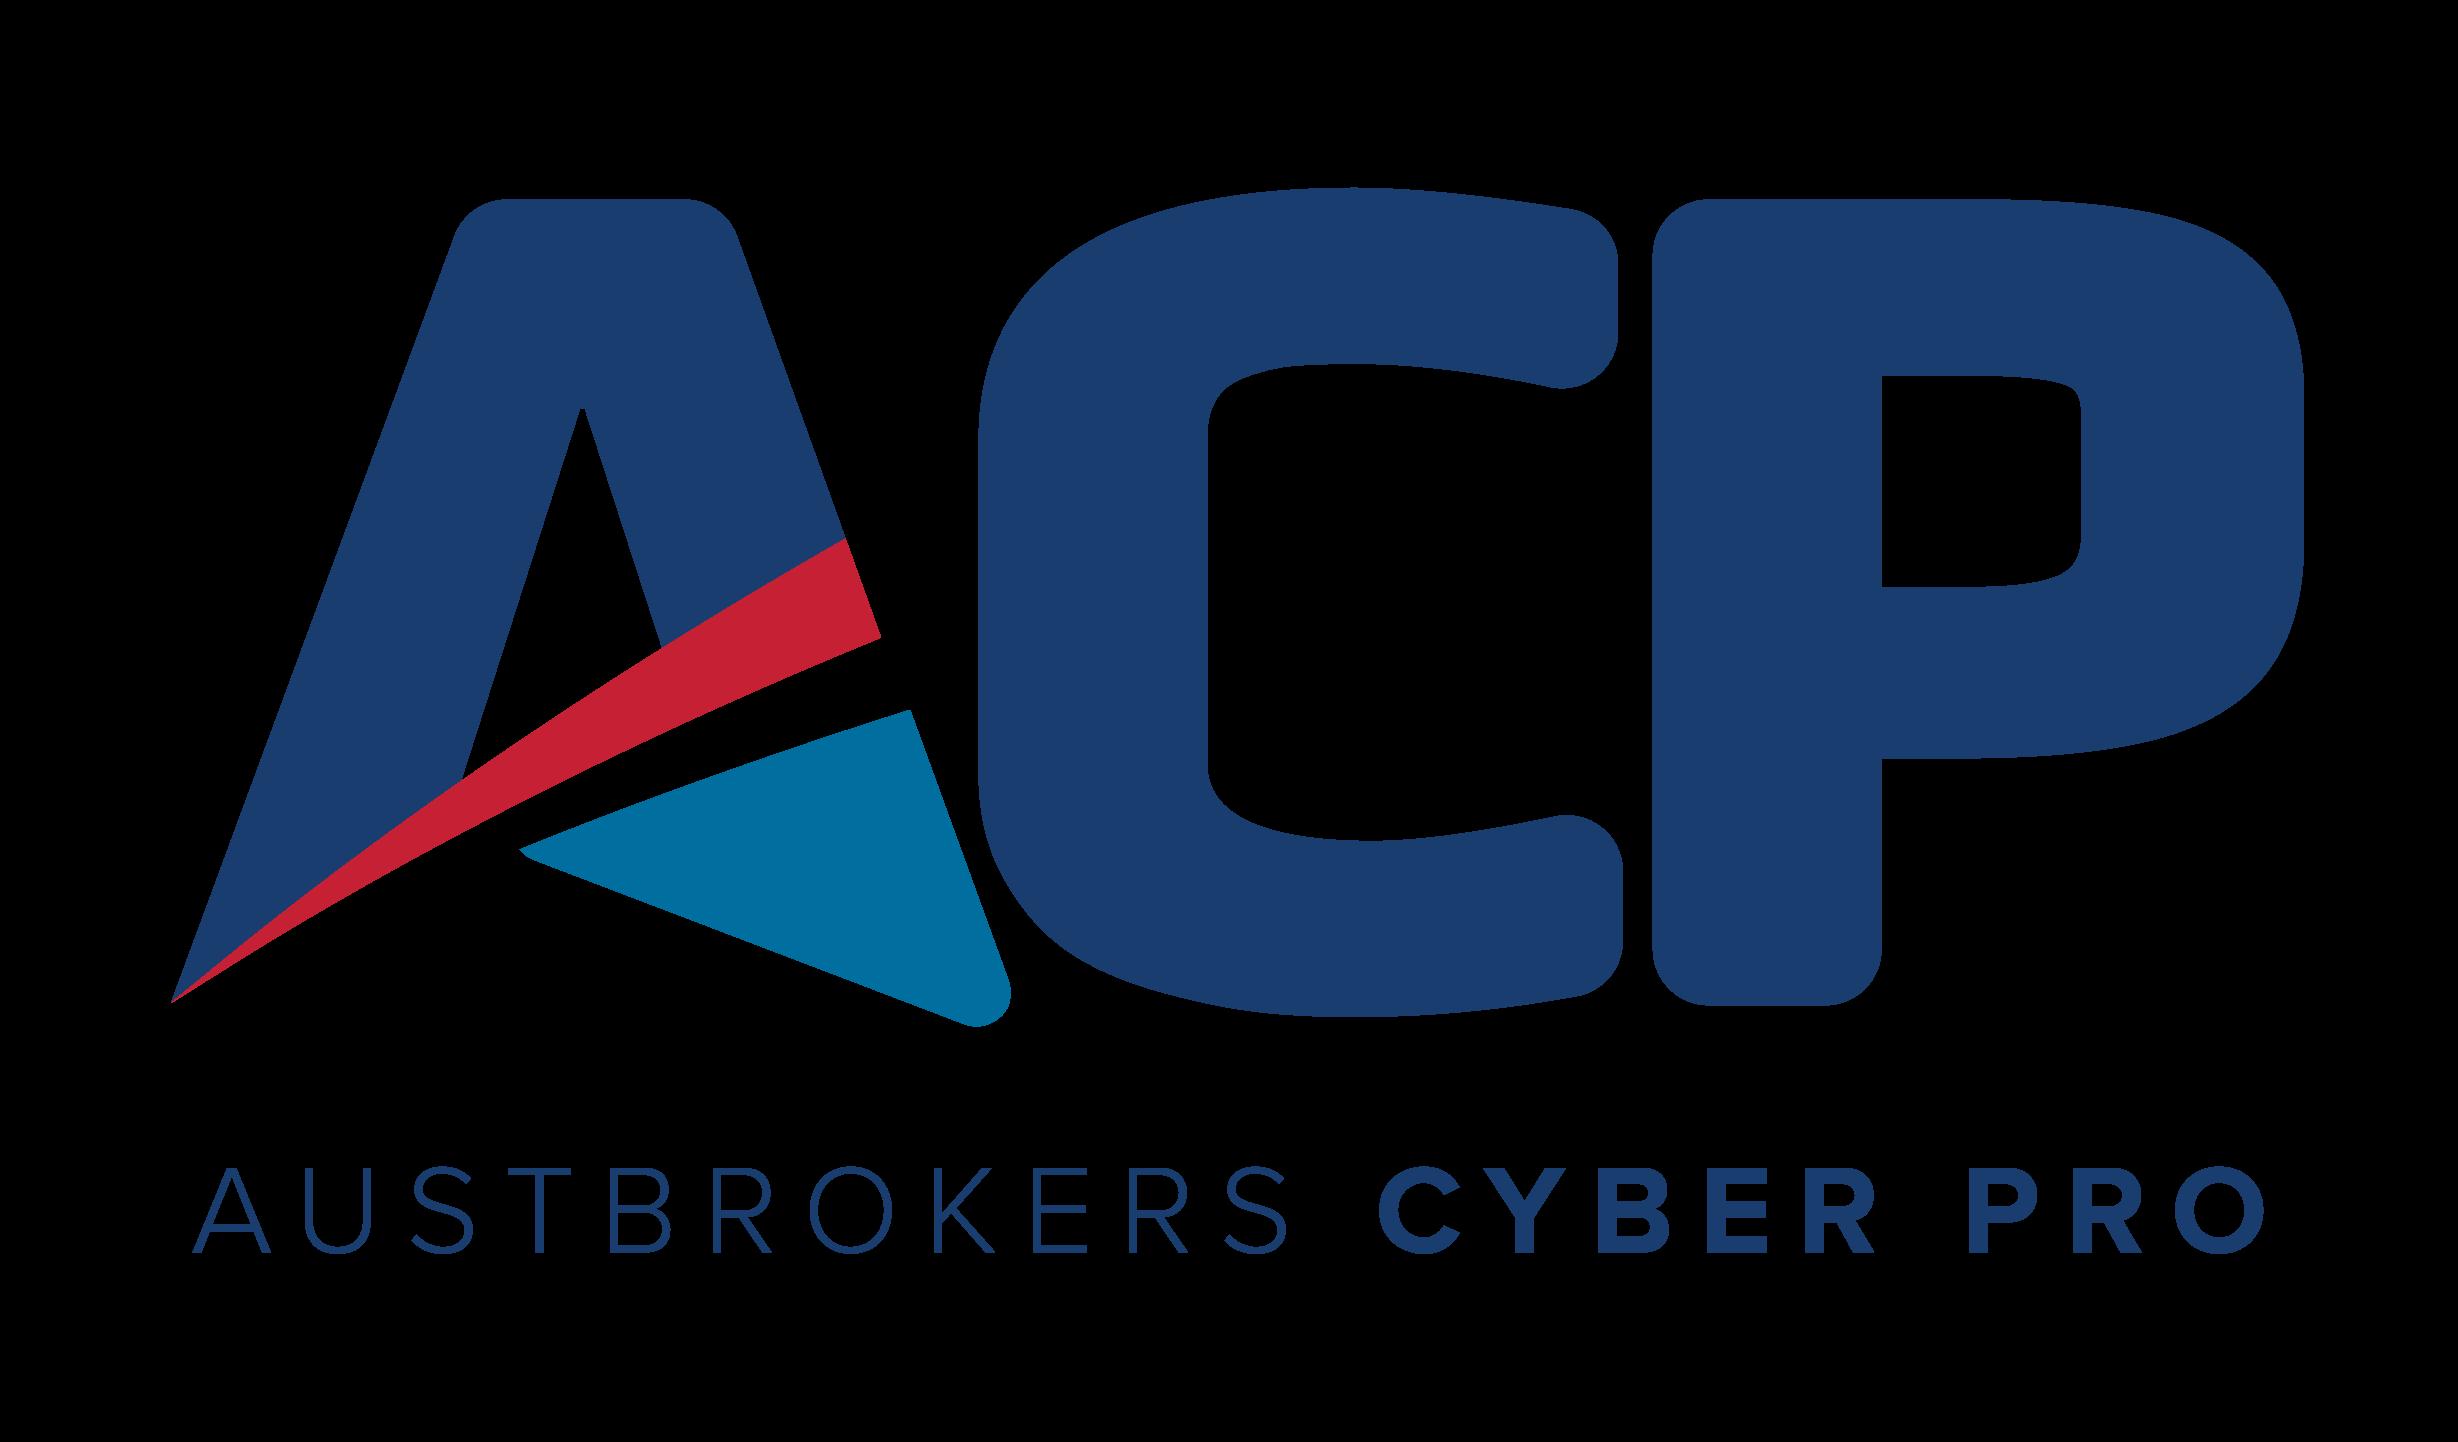 Austbrokers Cyber Pro